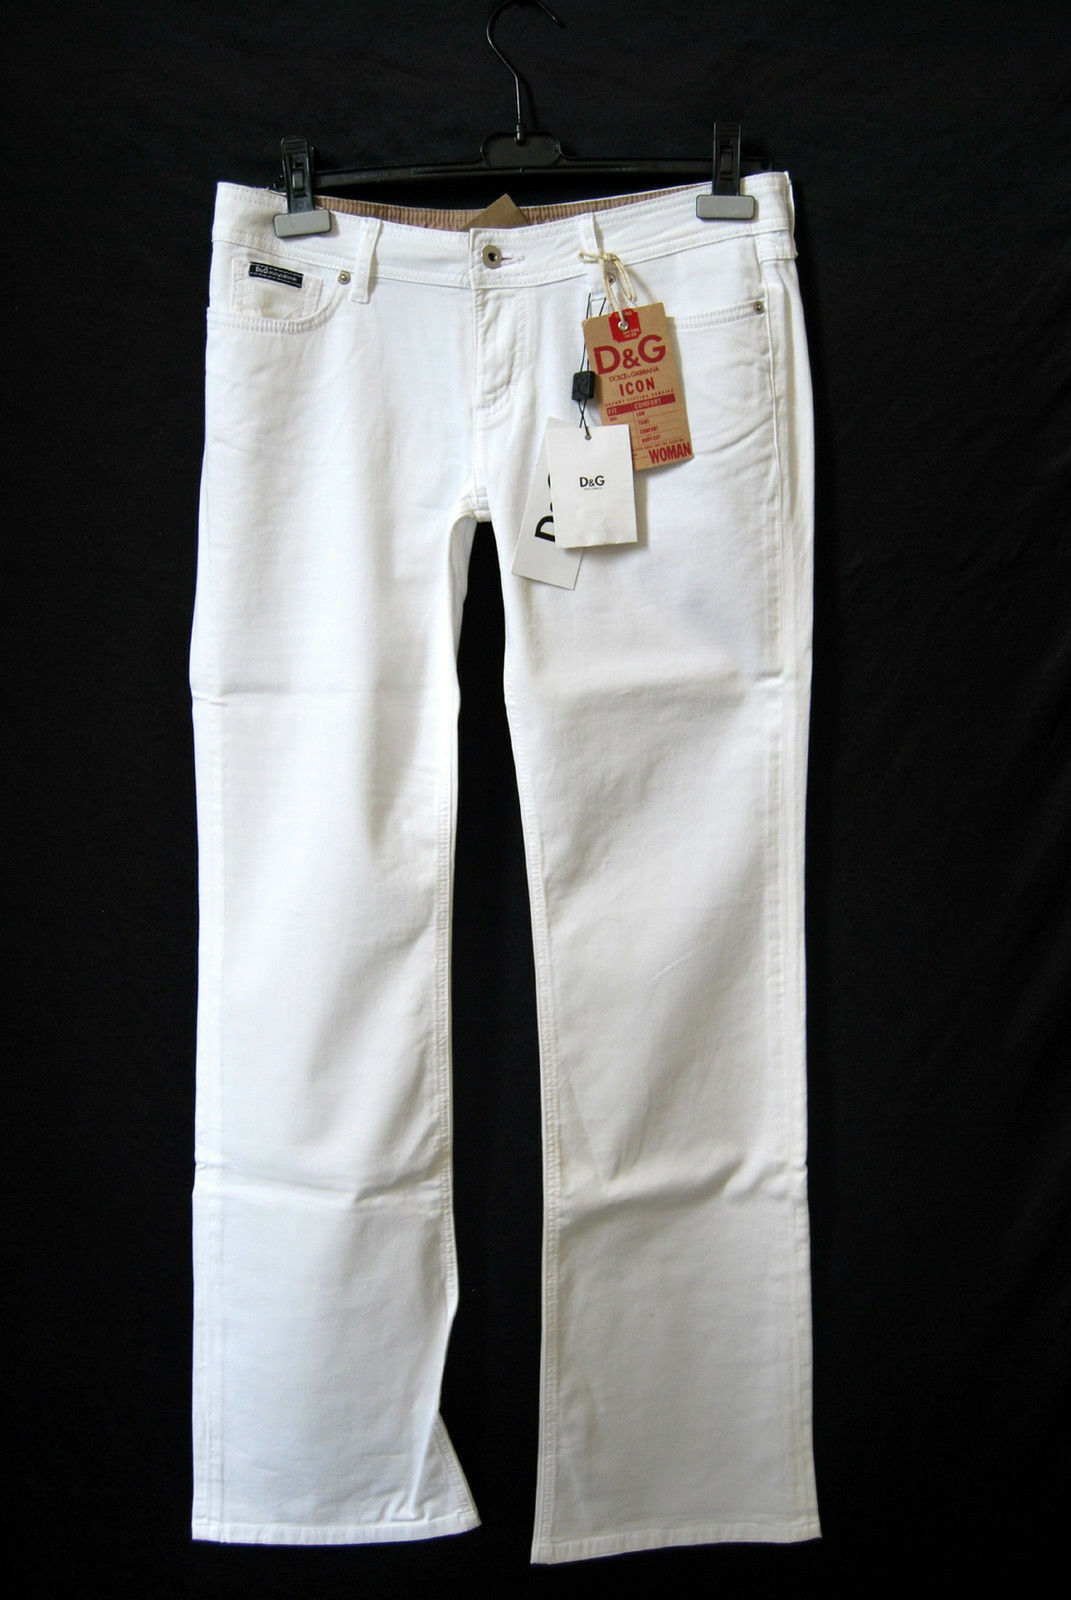 DOLCE&GABBANA Hose STRETCH NEU Gr. 38 W29 Original     EDEL Stiefel Cut 179 - D-1591 951652